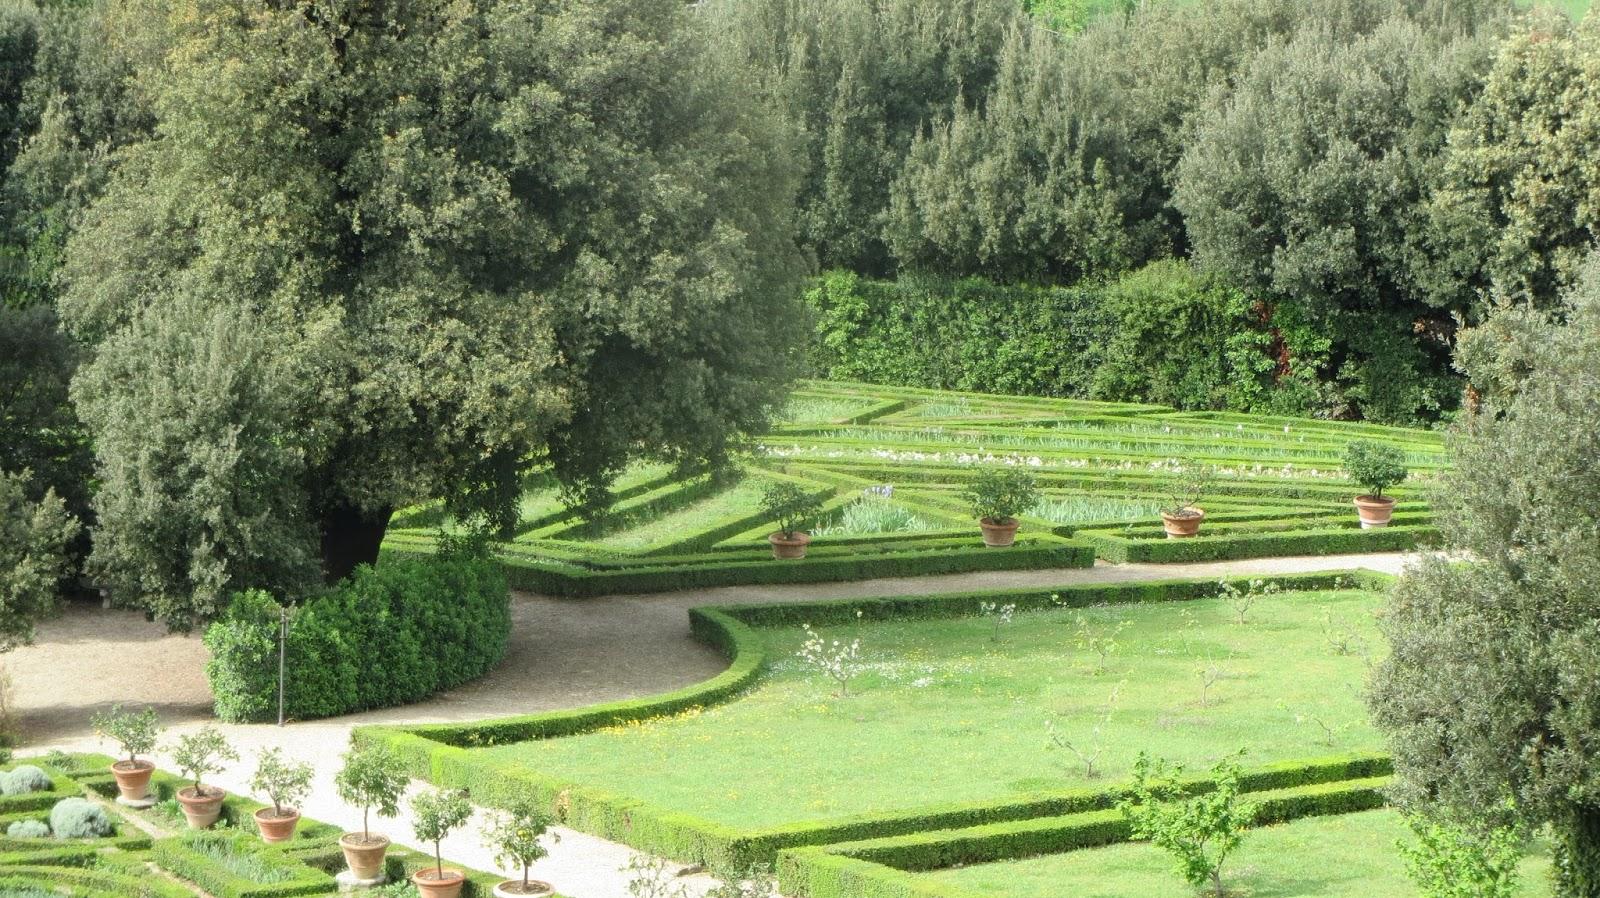 Hortibus voyage palais et jardins de toscane groupe for Jardin de toscane